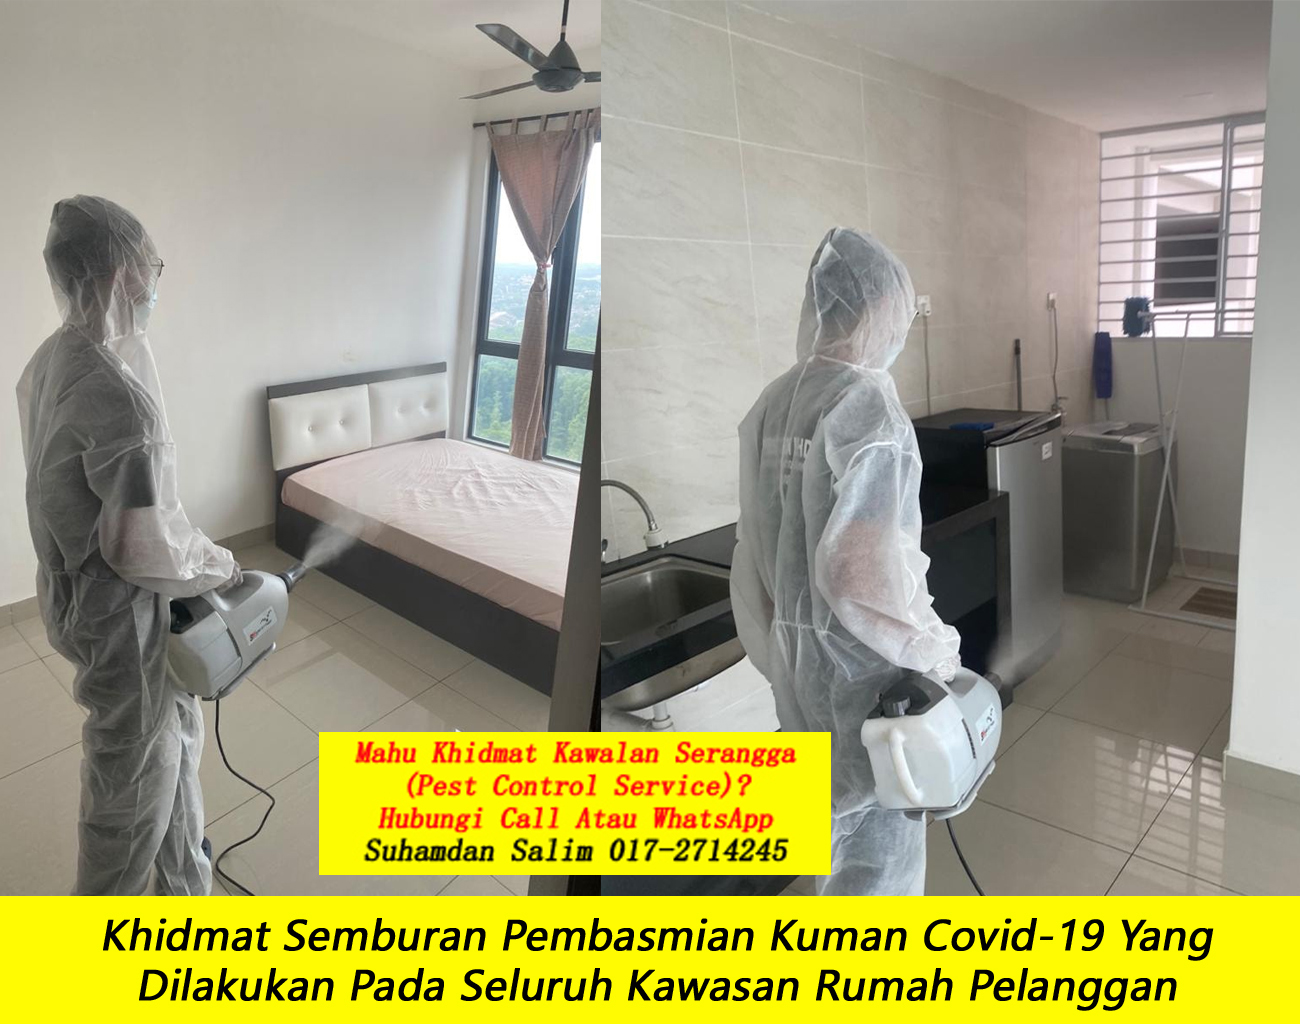 khidmat sanitizing membasmi kuman Covid-19 Disinfection Service semburan sanitize covid 19 paling berkesan dengan harga berpatutan the best service covid-19 labu negeri sembilan felda